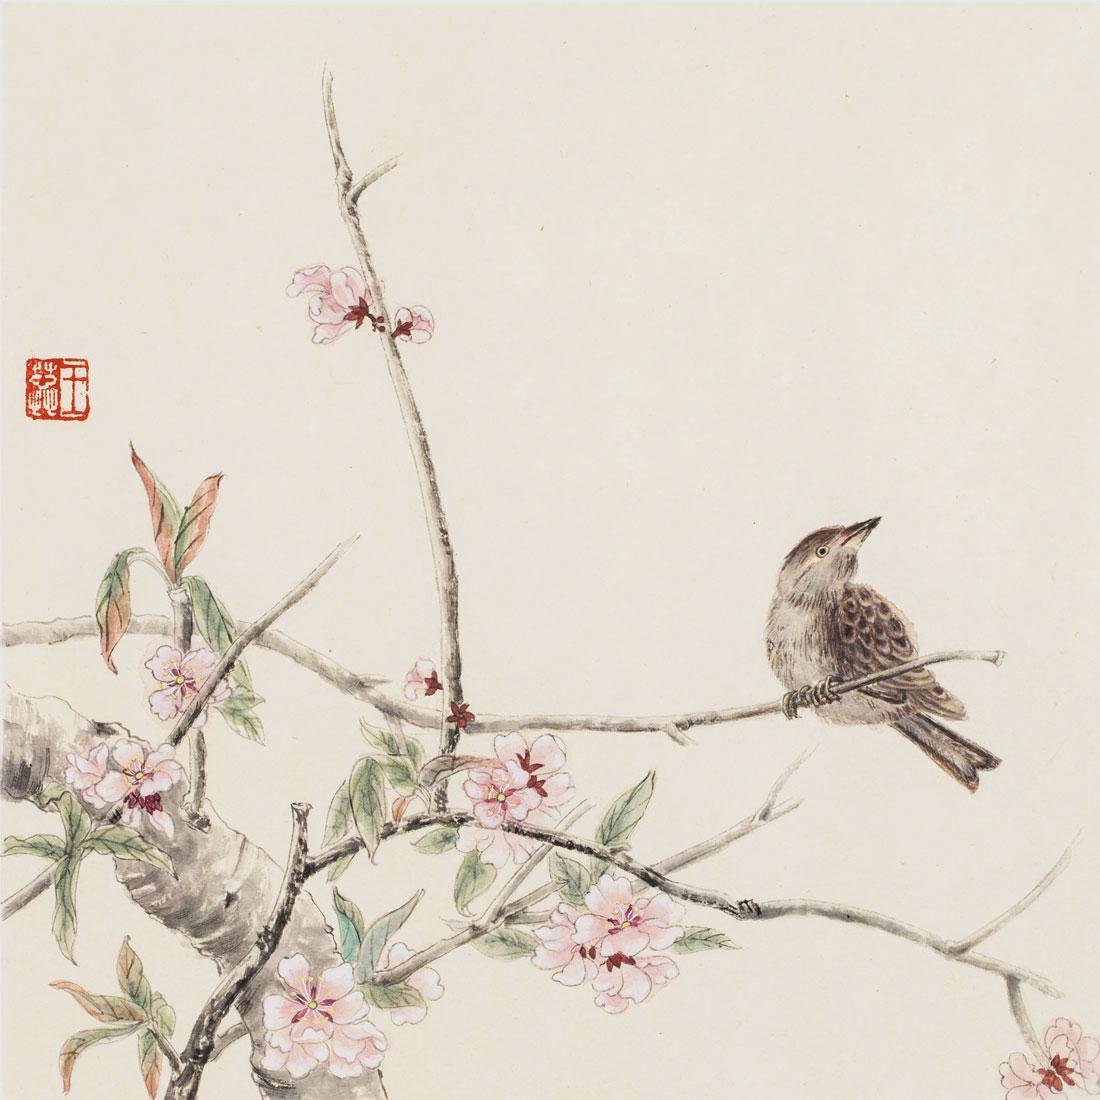 王蕊----樱花小鸟图(30cm*30cm)图片